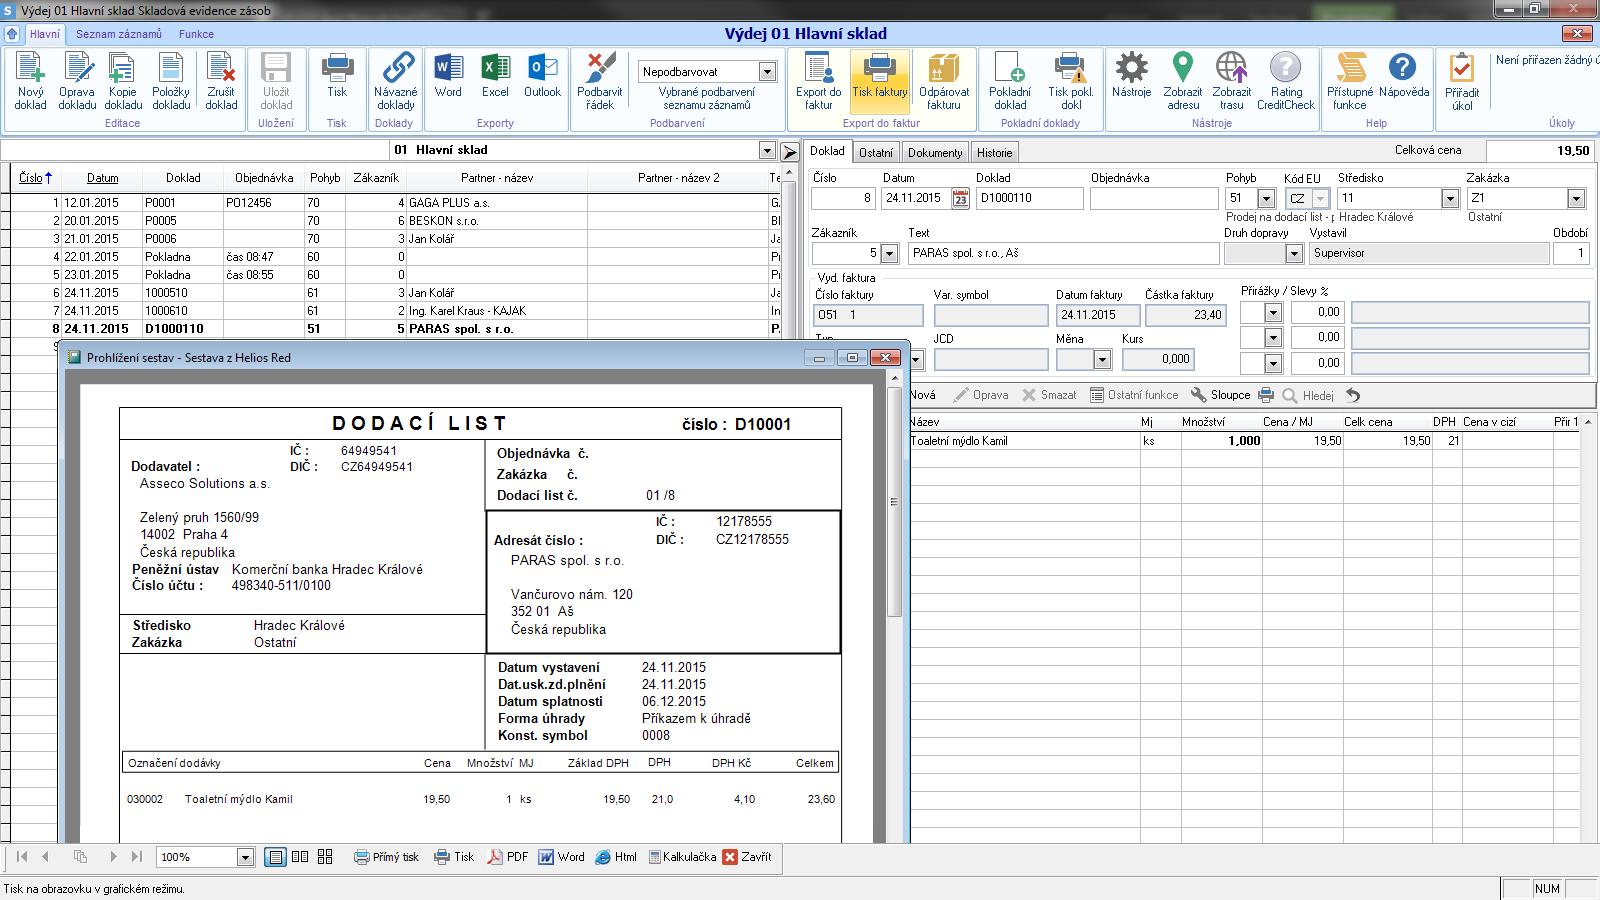 Nejlevnější účetní a ekonomický software